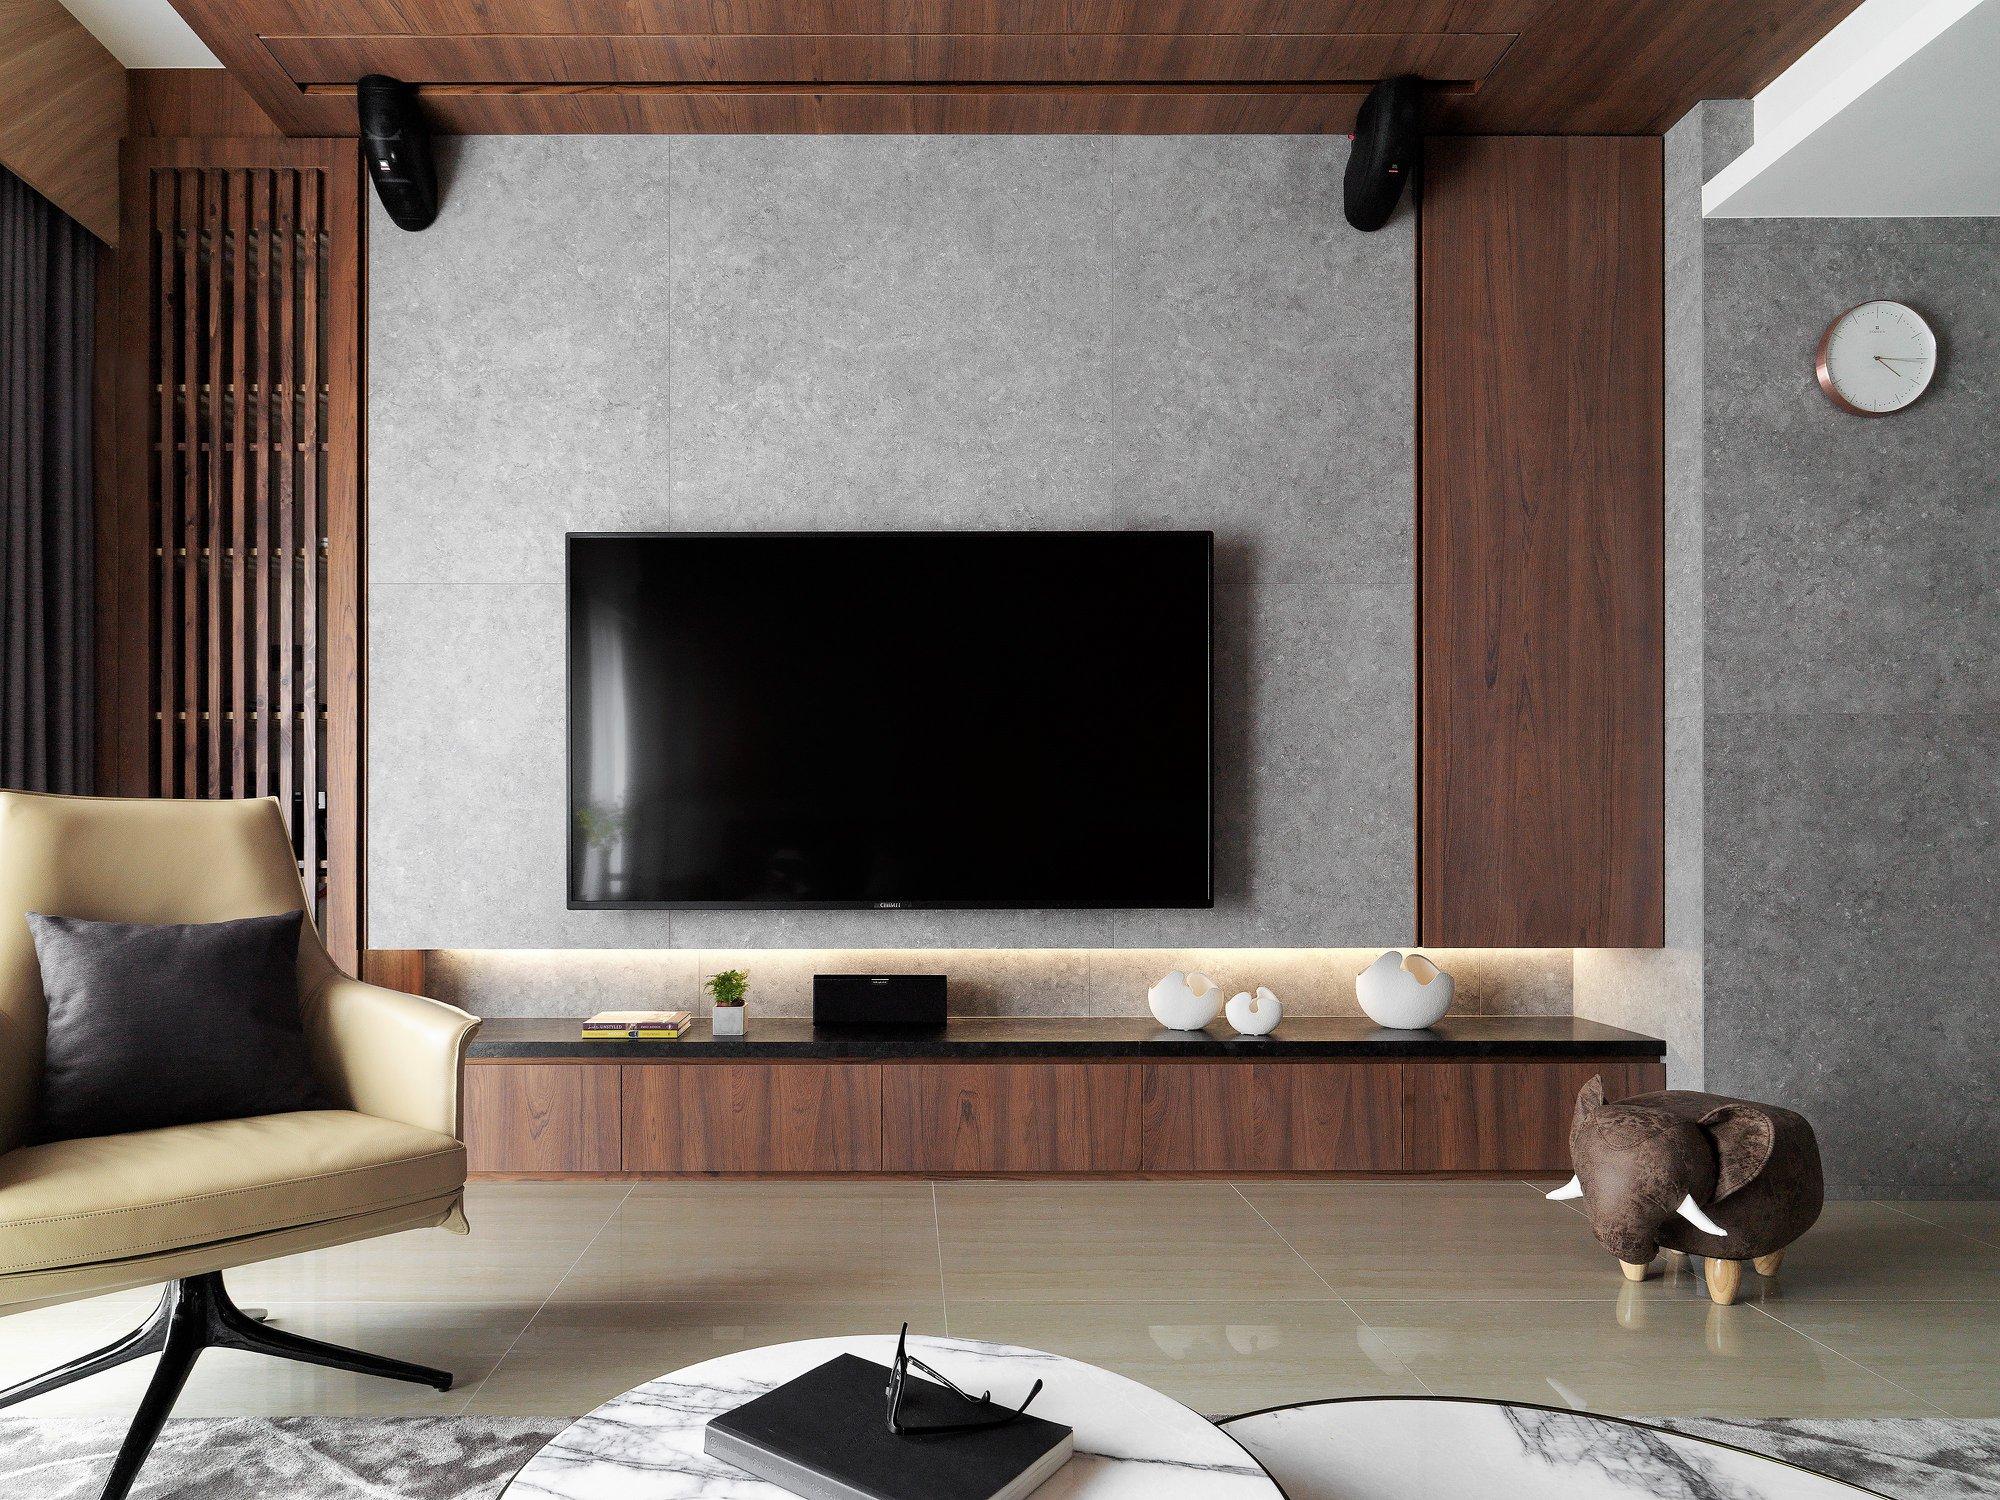 现代简约打造效果图,30万装修140三居室,沙发大全墙中式硬装背景背景墙效果图电视